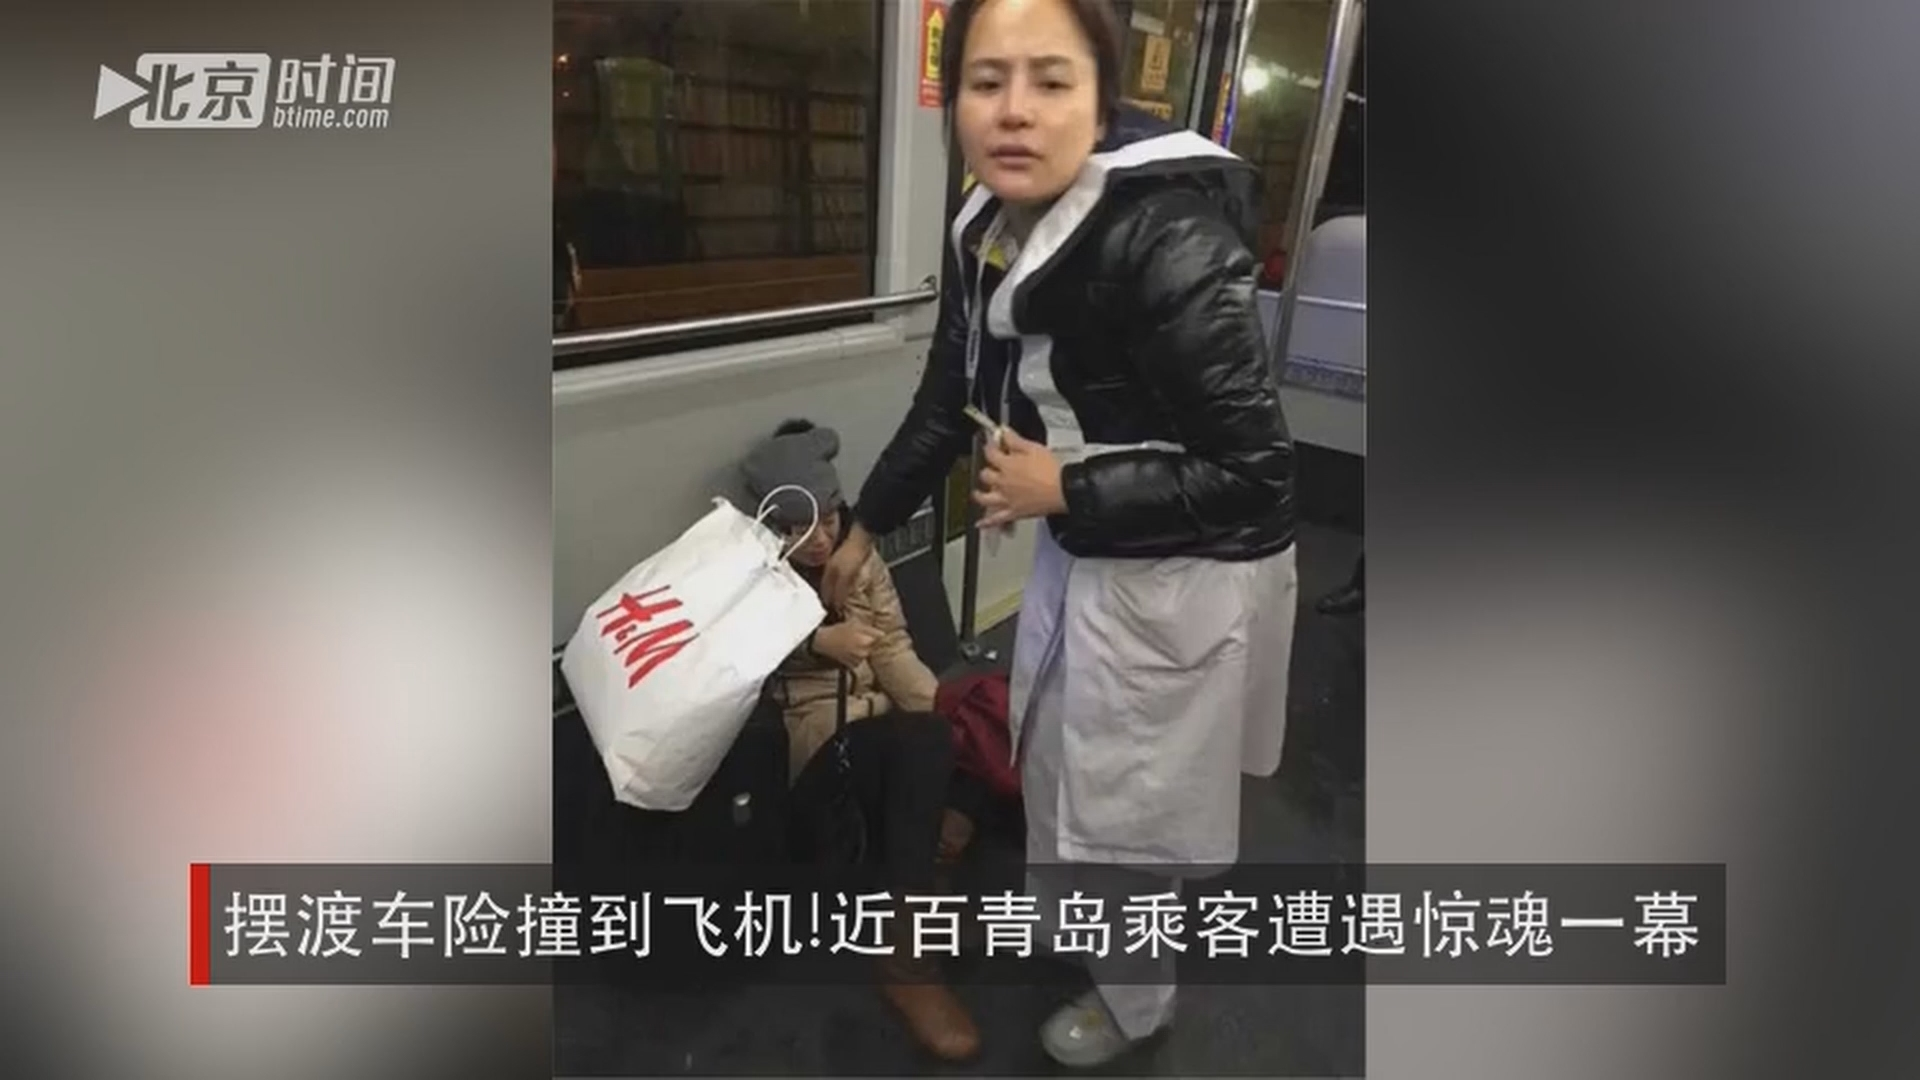 车险撞飞机:速度正常 符合规定-北京时间 摆渡 青岛